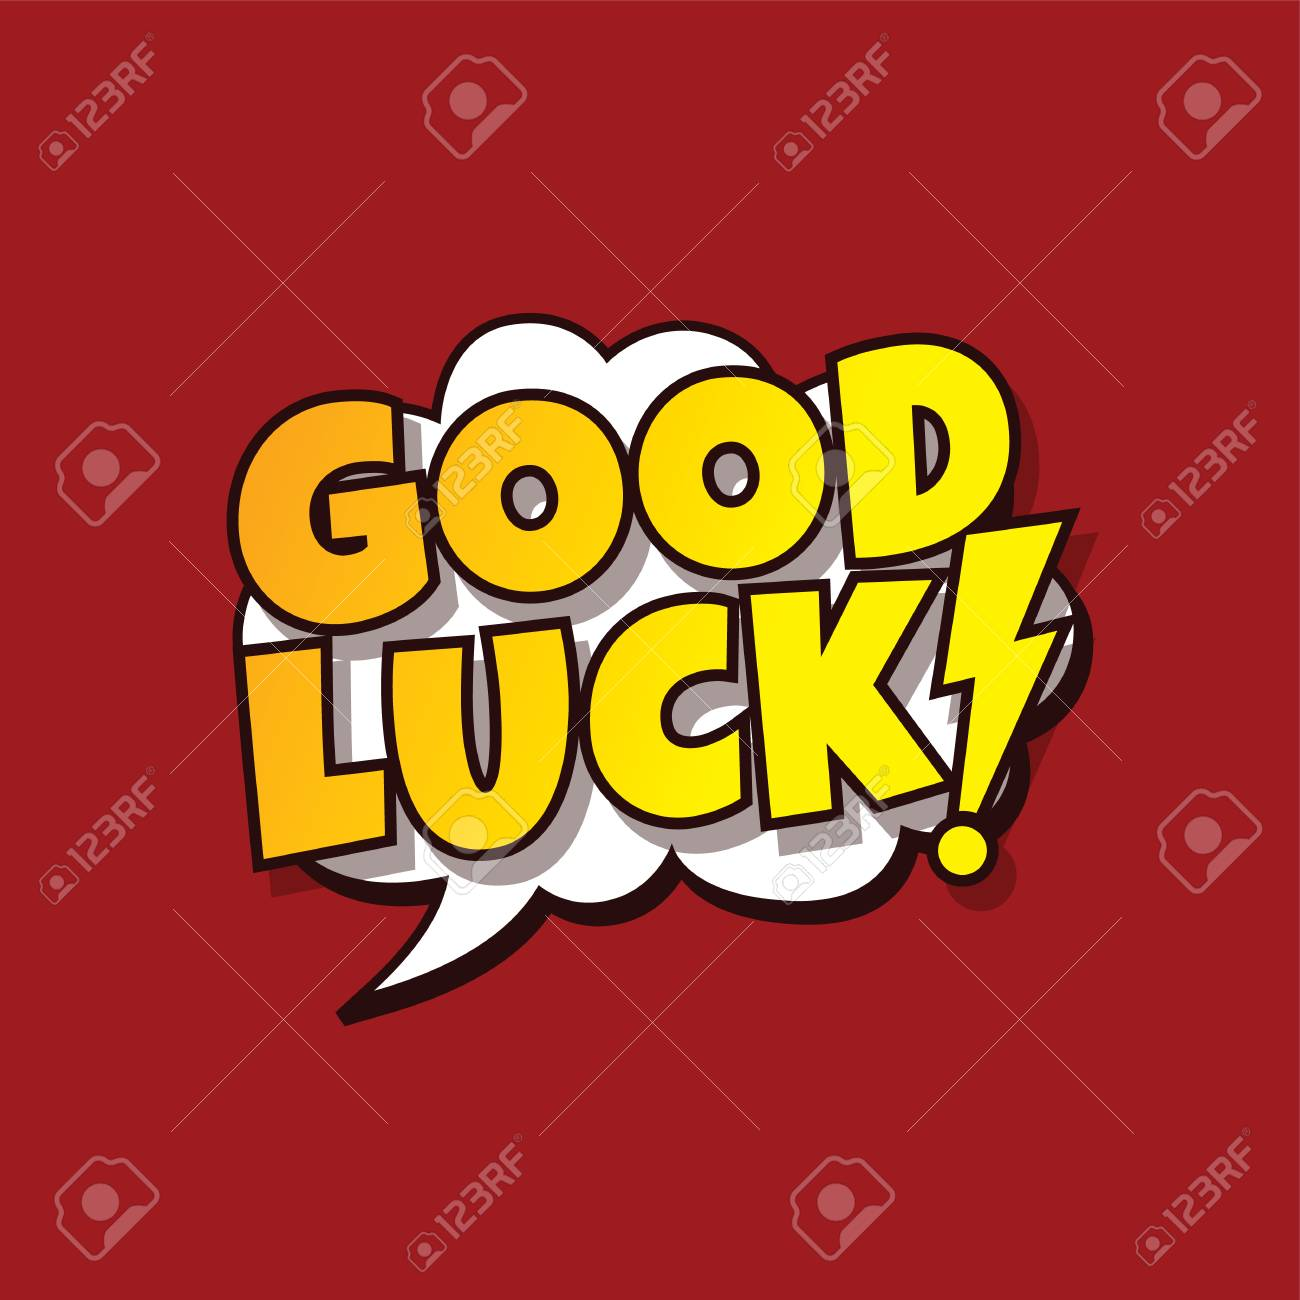 Cartoon good luck greeting vector art illustration royalty free cartoon good luck greeting vector art illustration stock vector 86626923 m4hsunfo